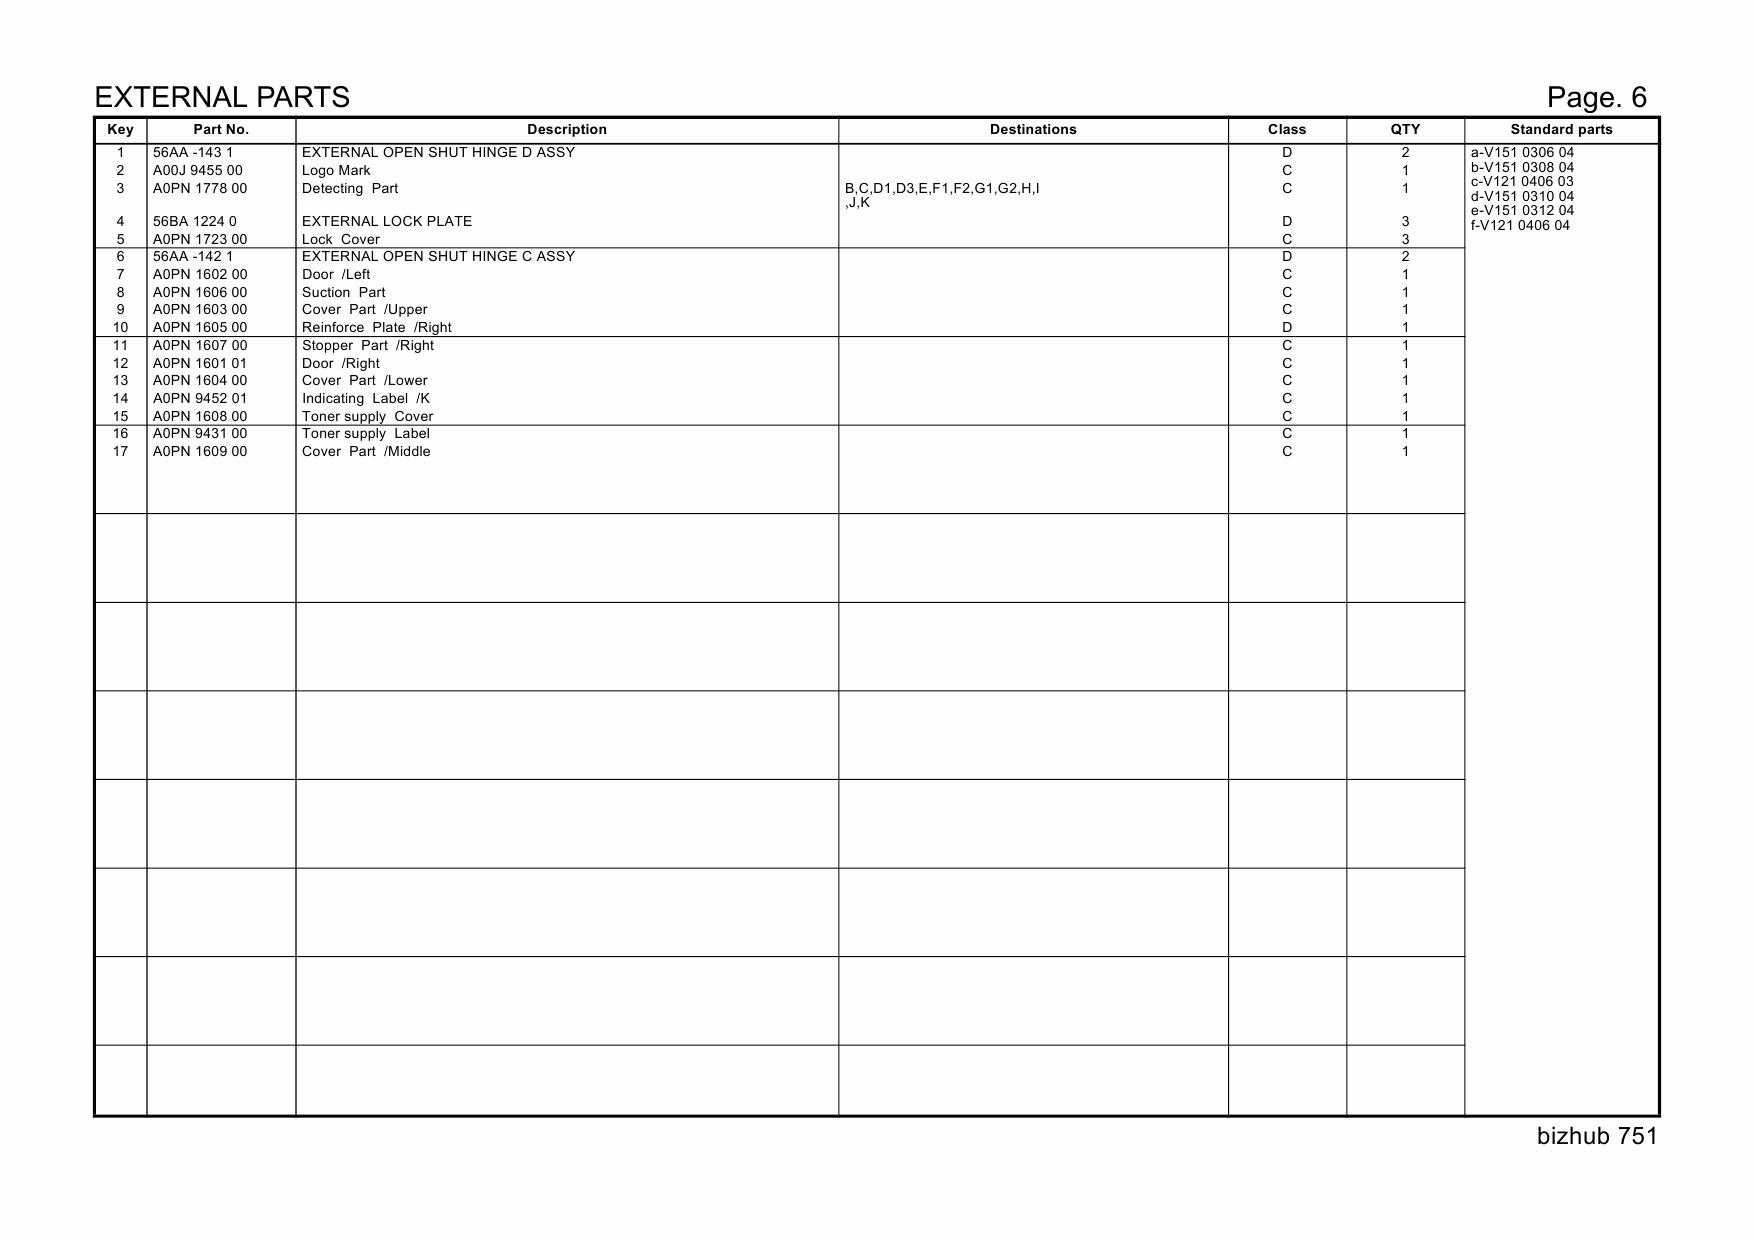 konica minolta bizhub 751 manual